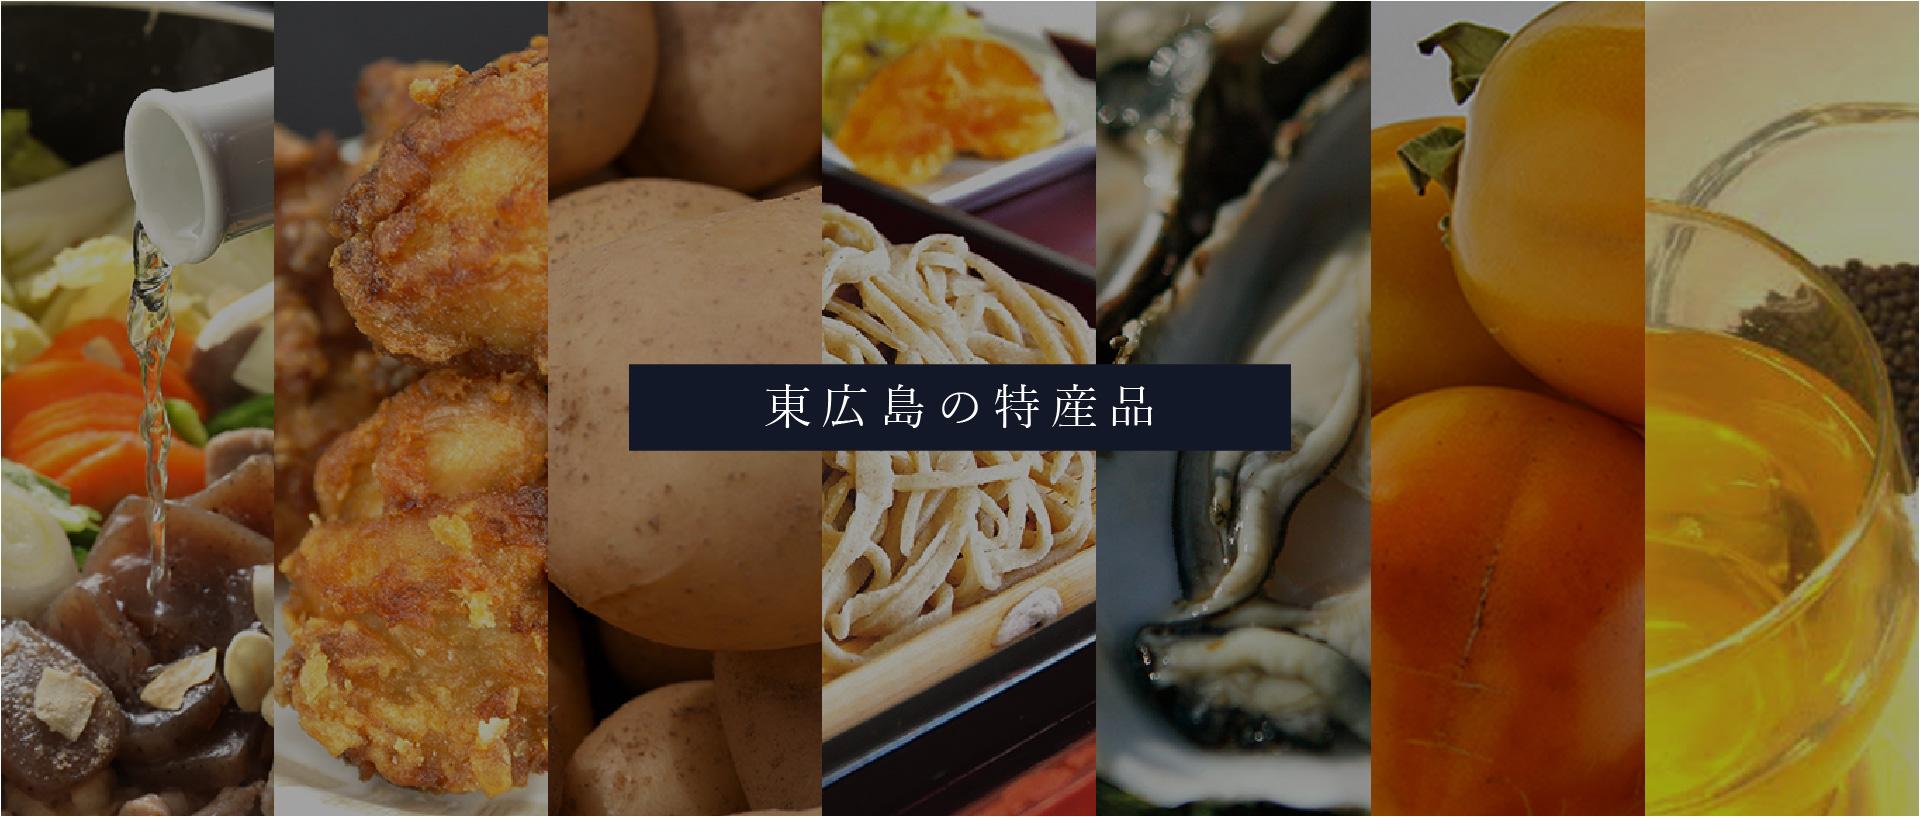 東広島の特産品